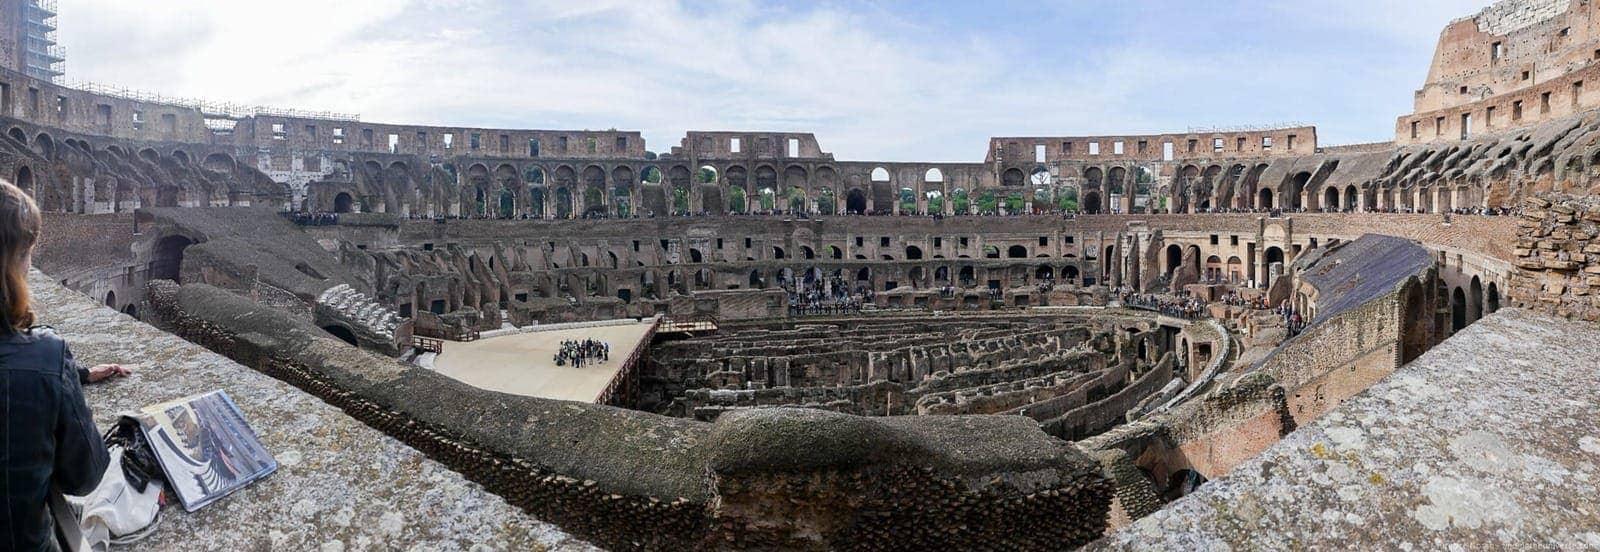 Coliseum Rome panorama interior